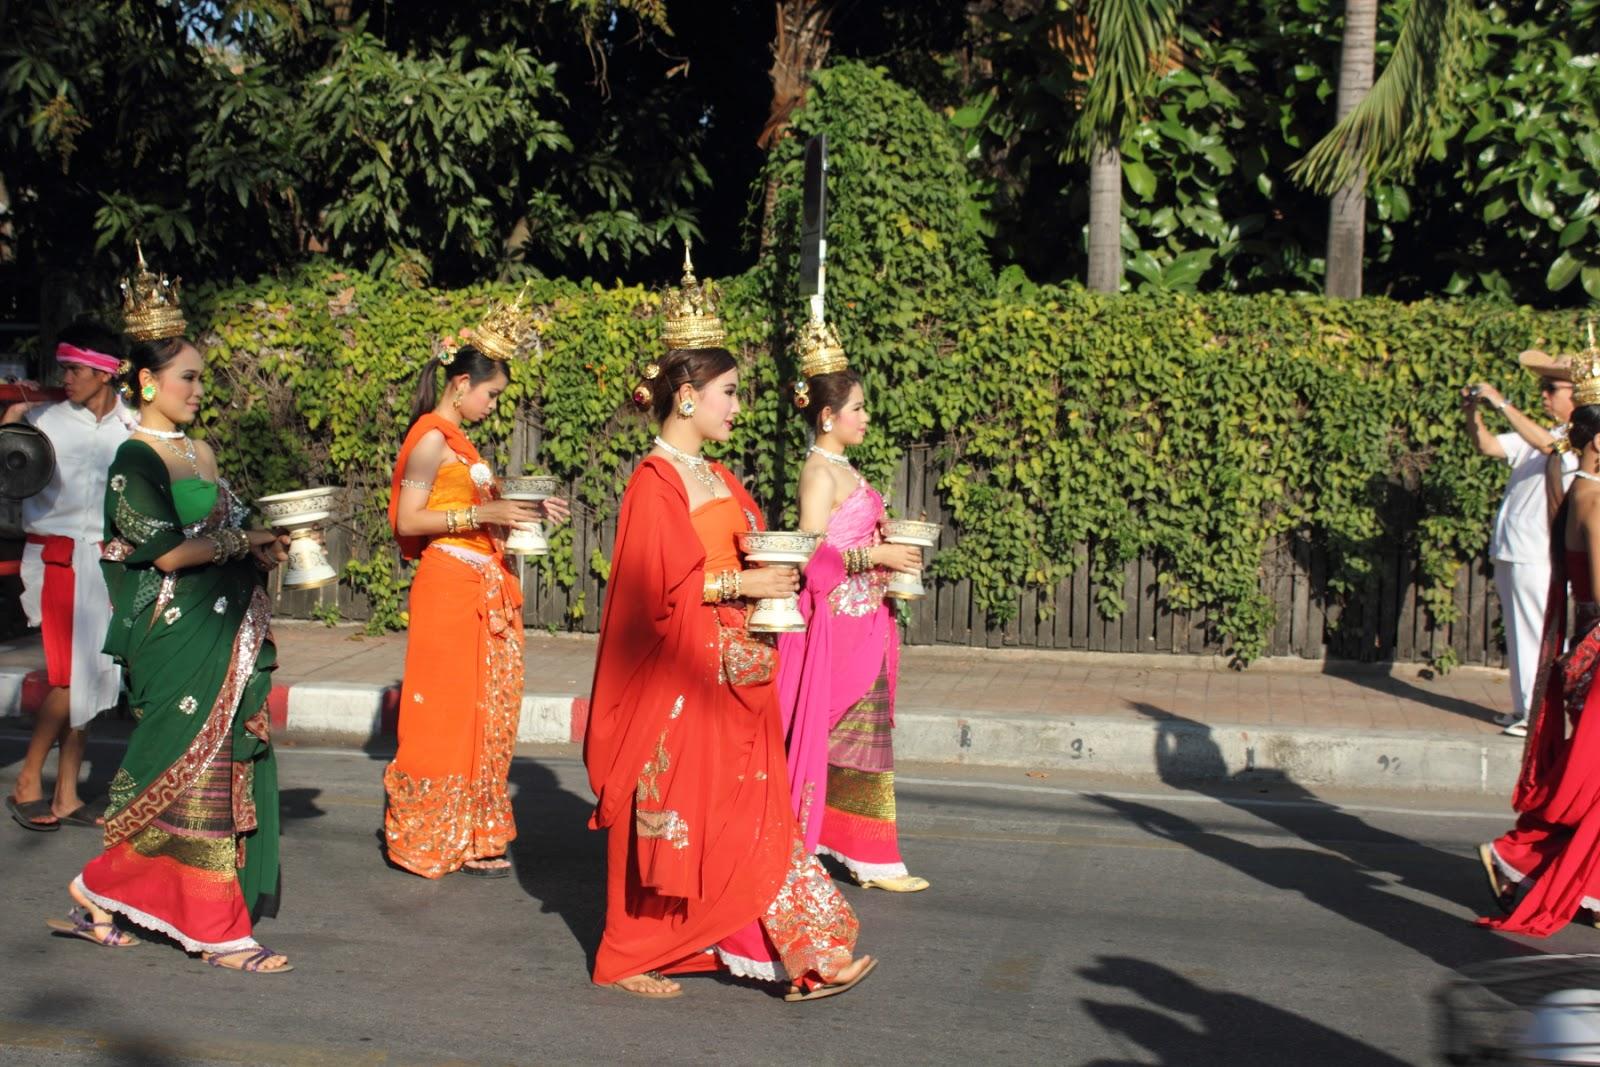 「泰國傳統服飾」的圖片搜尋結果